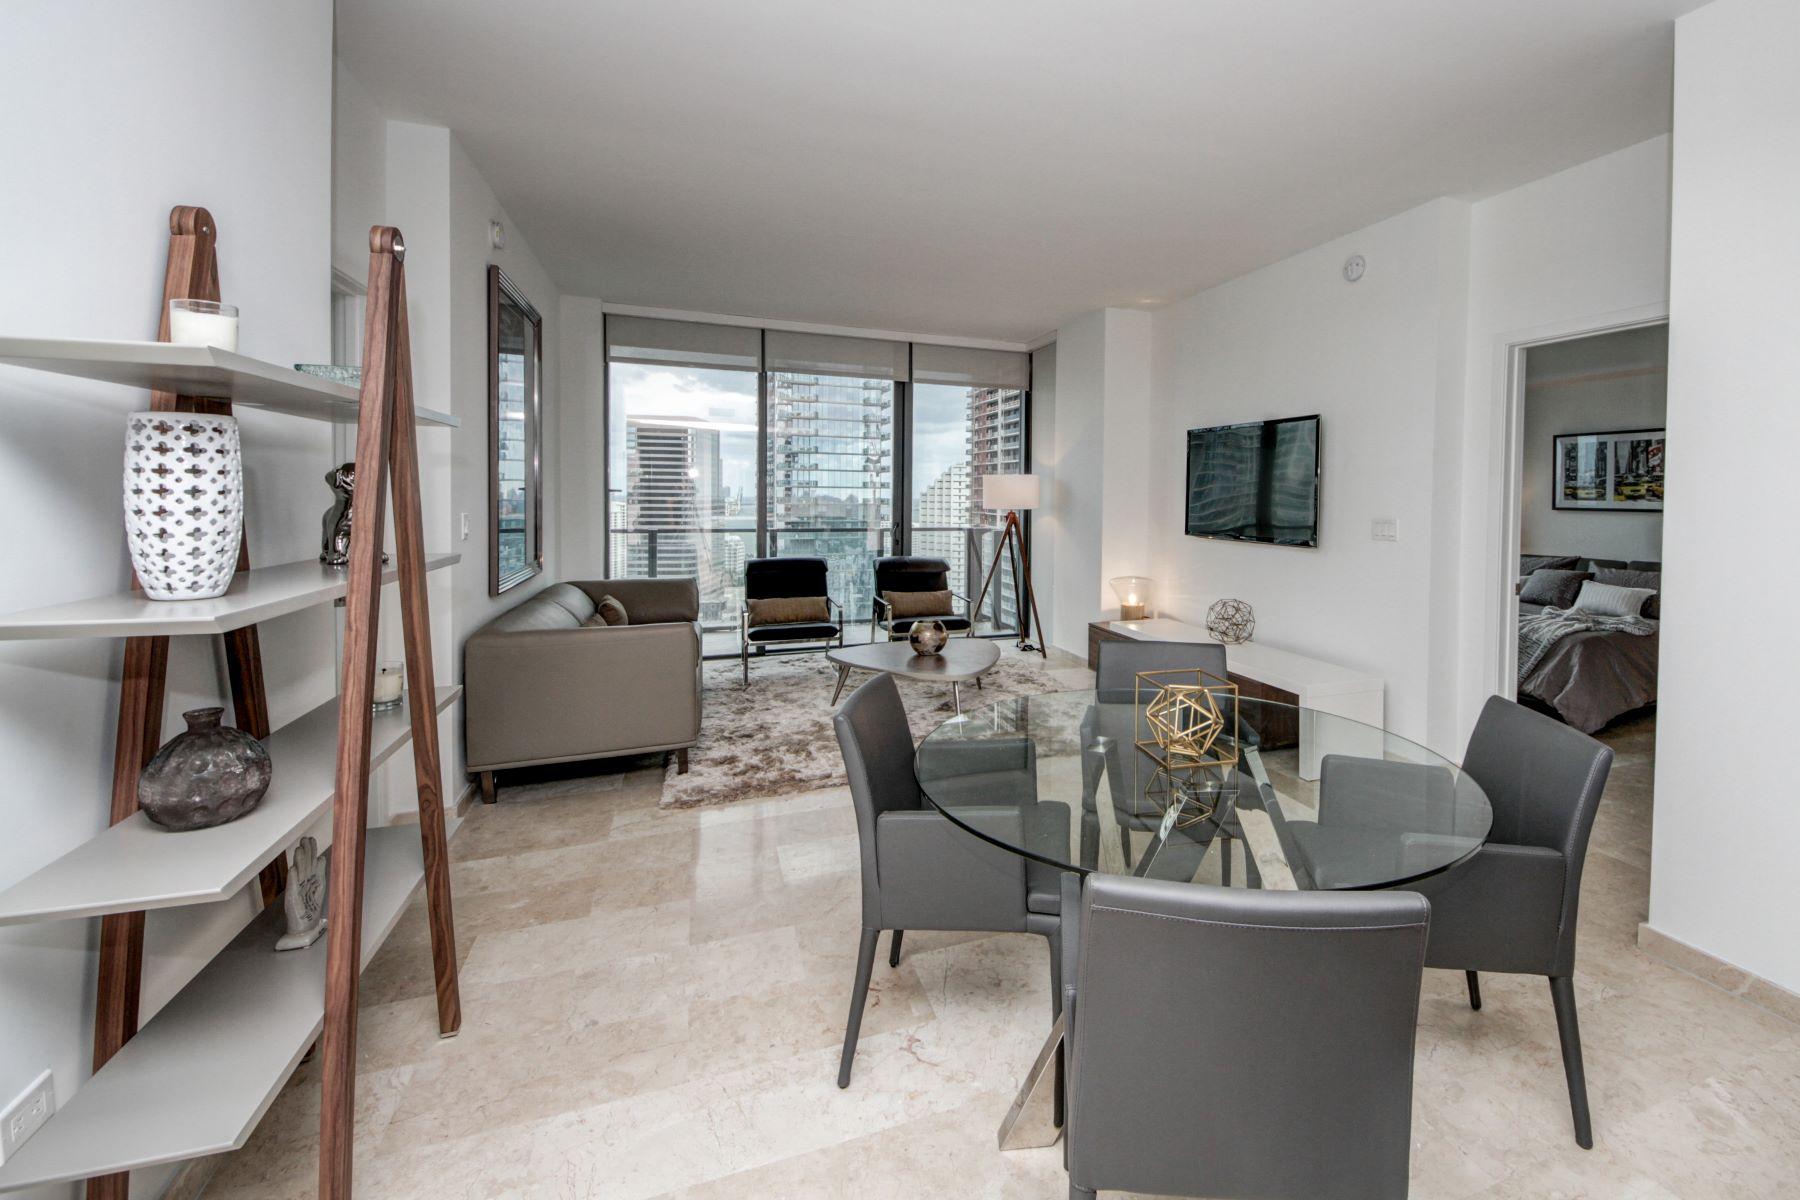 Condominium for Rent at 88 Sw 7th St 88 Sw 7th St 2605 Miami, Florida 33130 United States